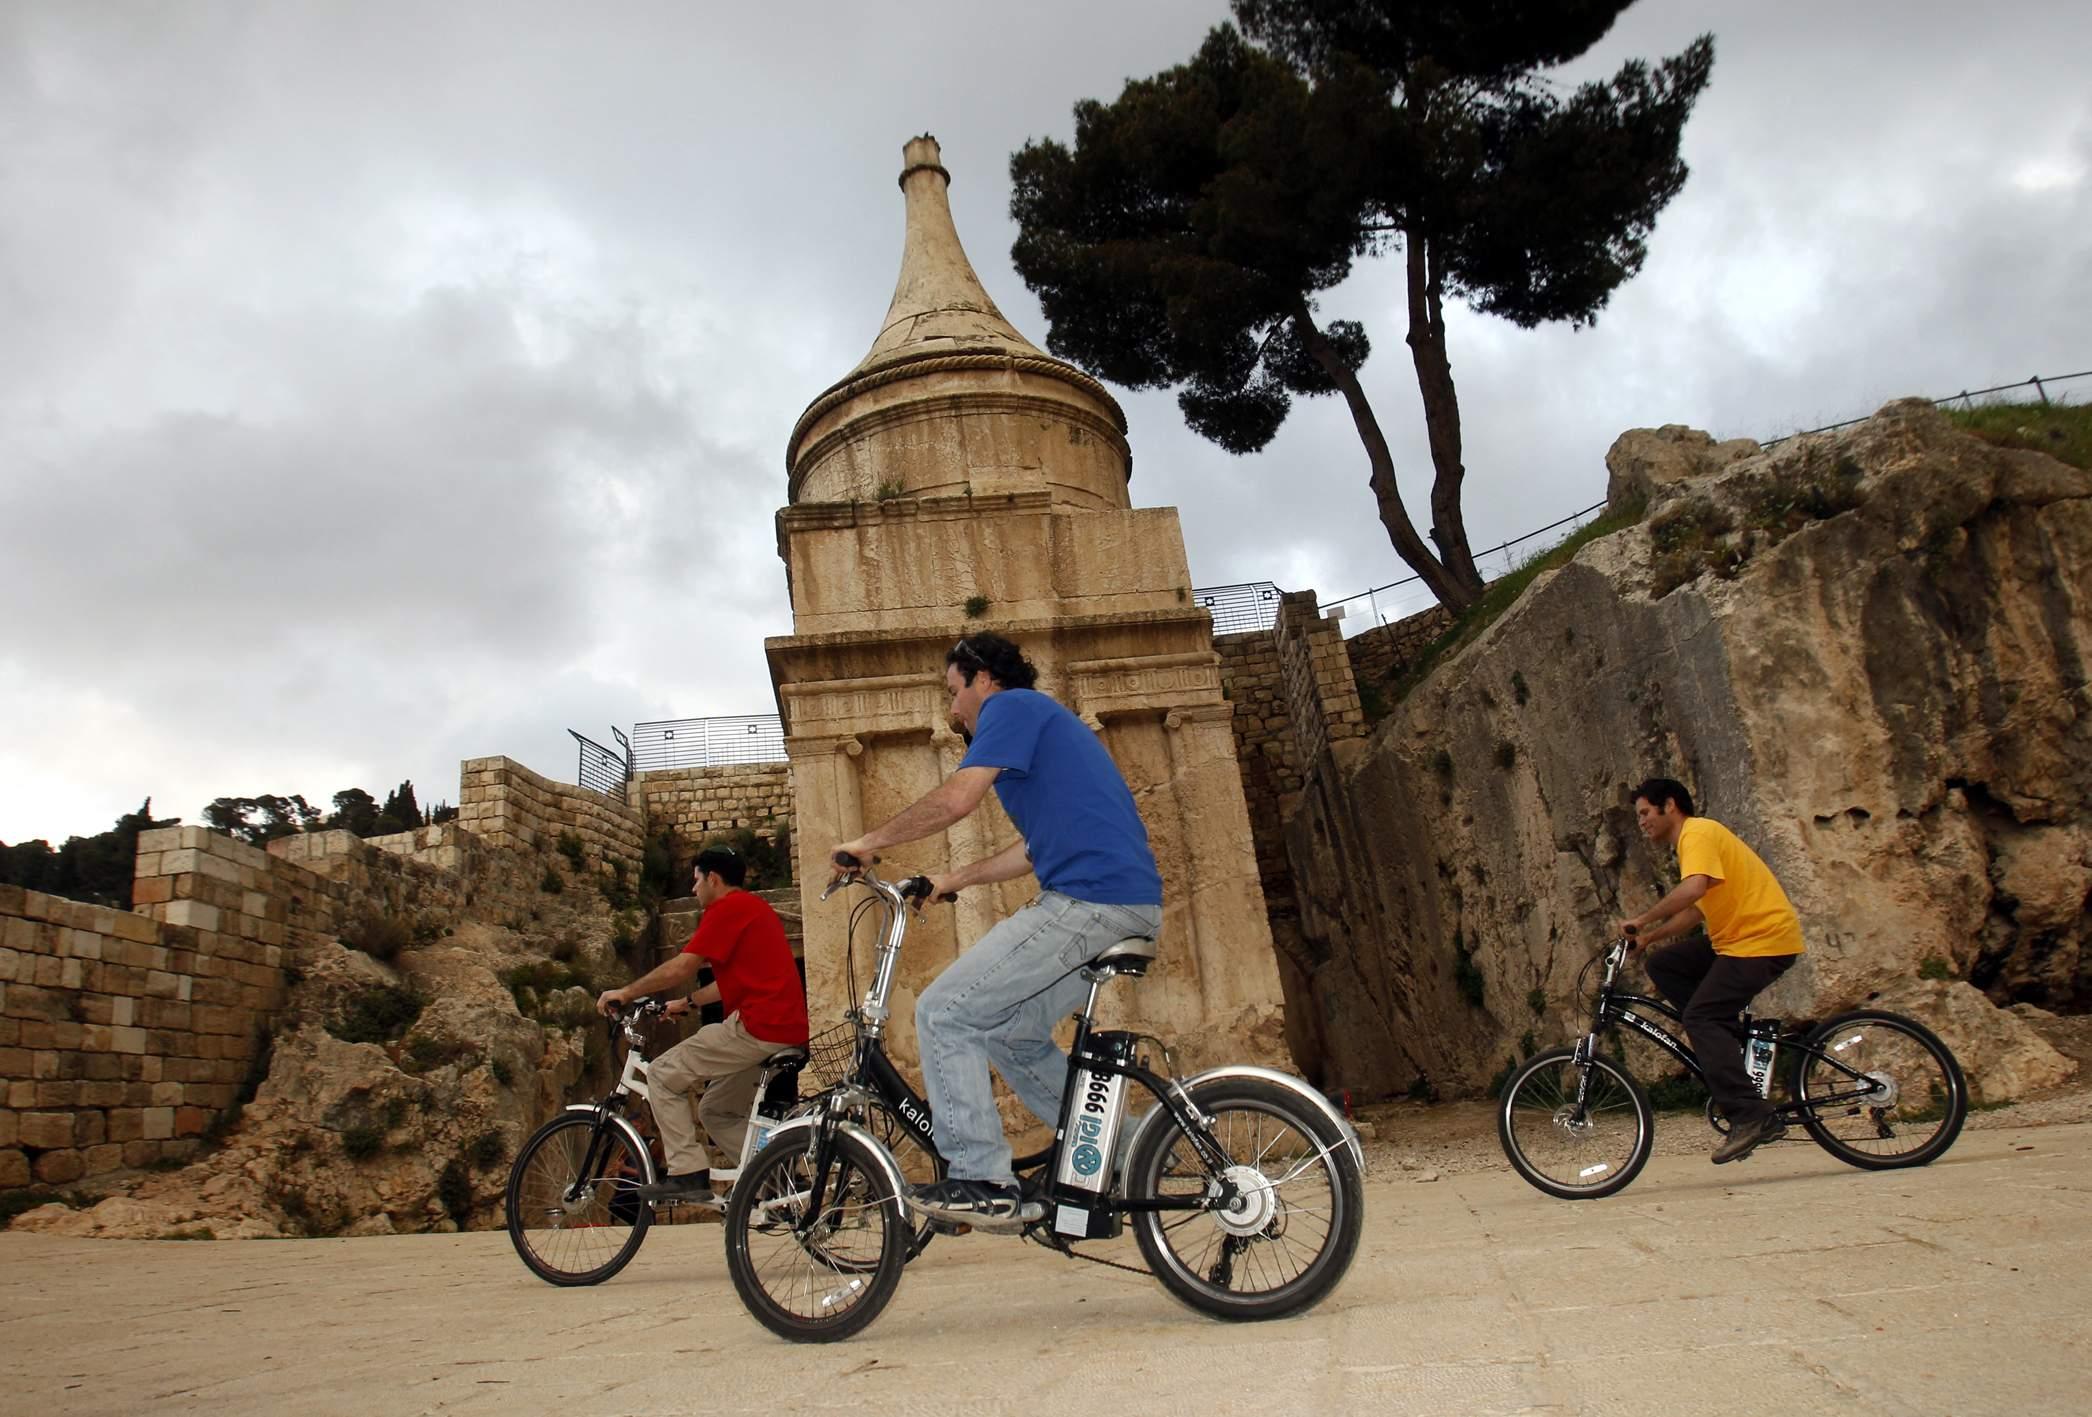 צילום ארכיון עיר דוד